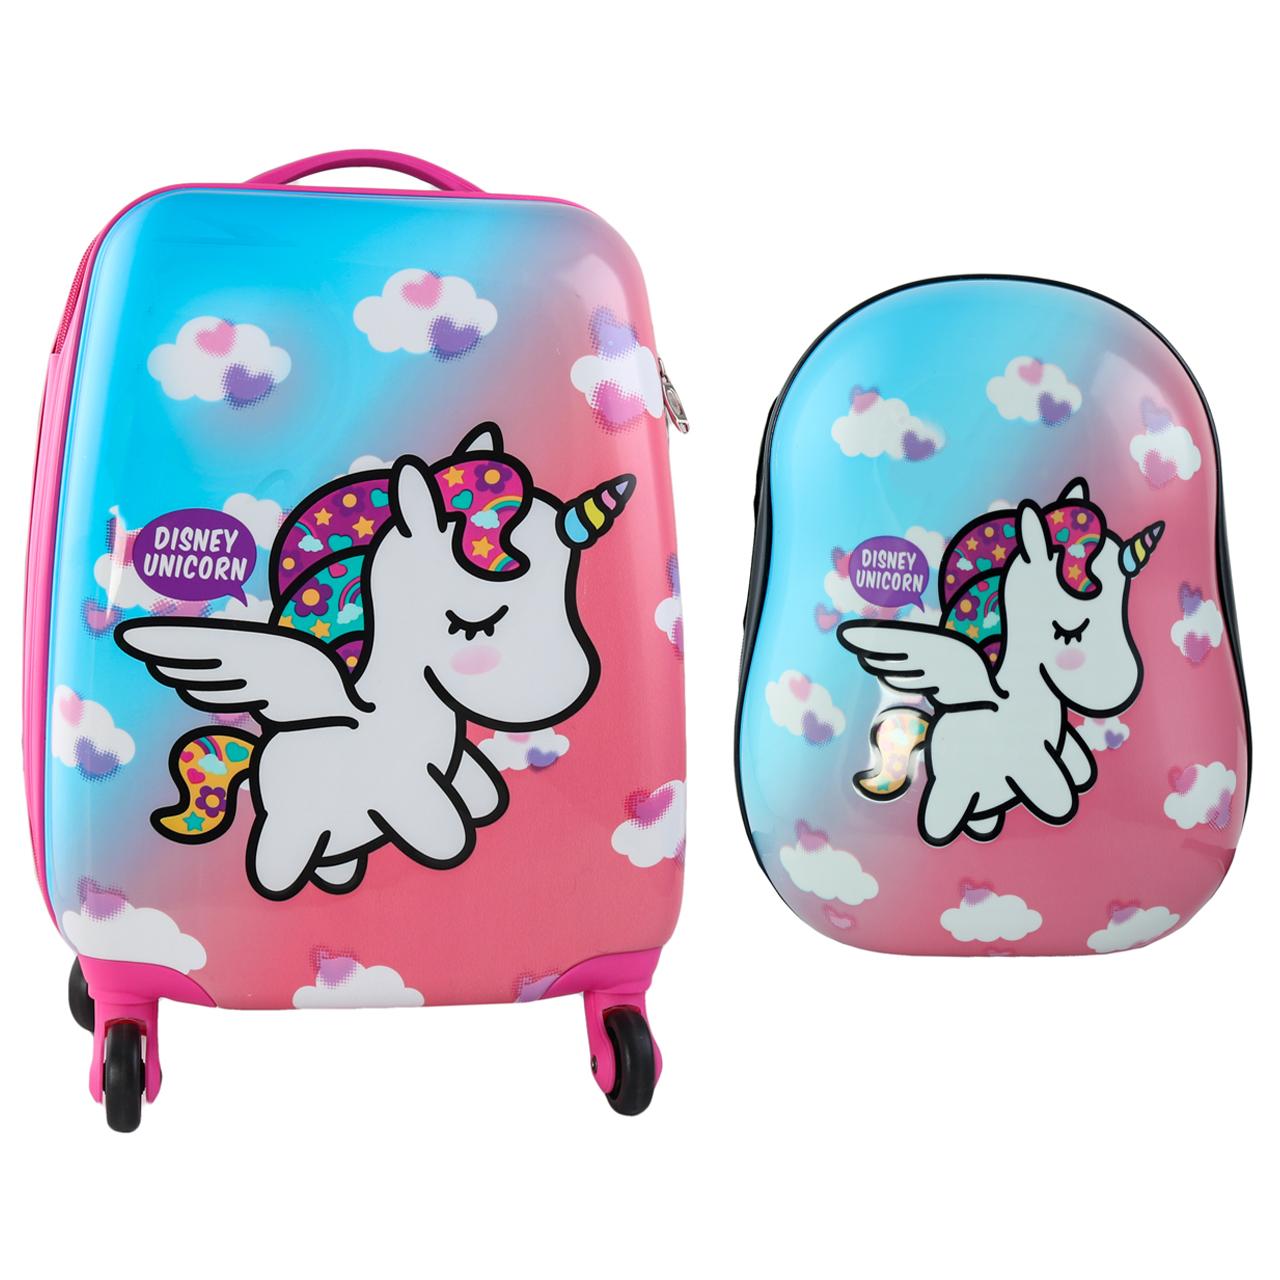 چمدان کودک مدل طرح یونی کورن کد 4 به همراه کوله پشتی